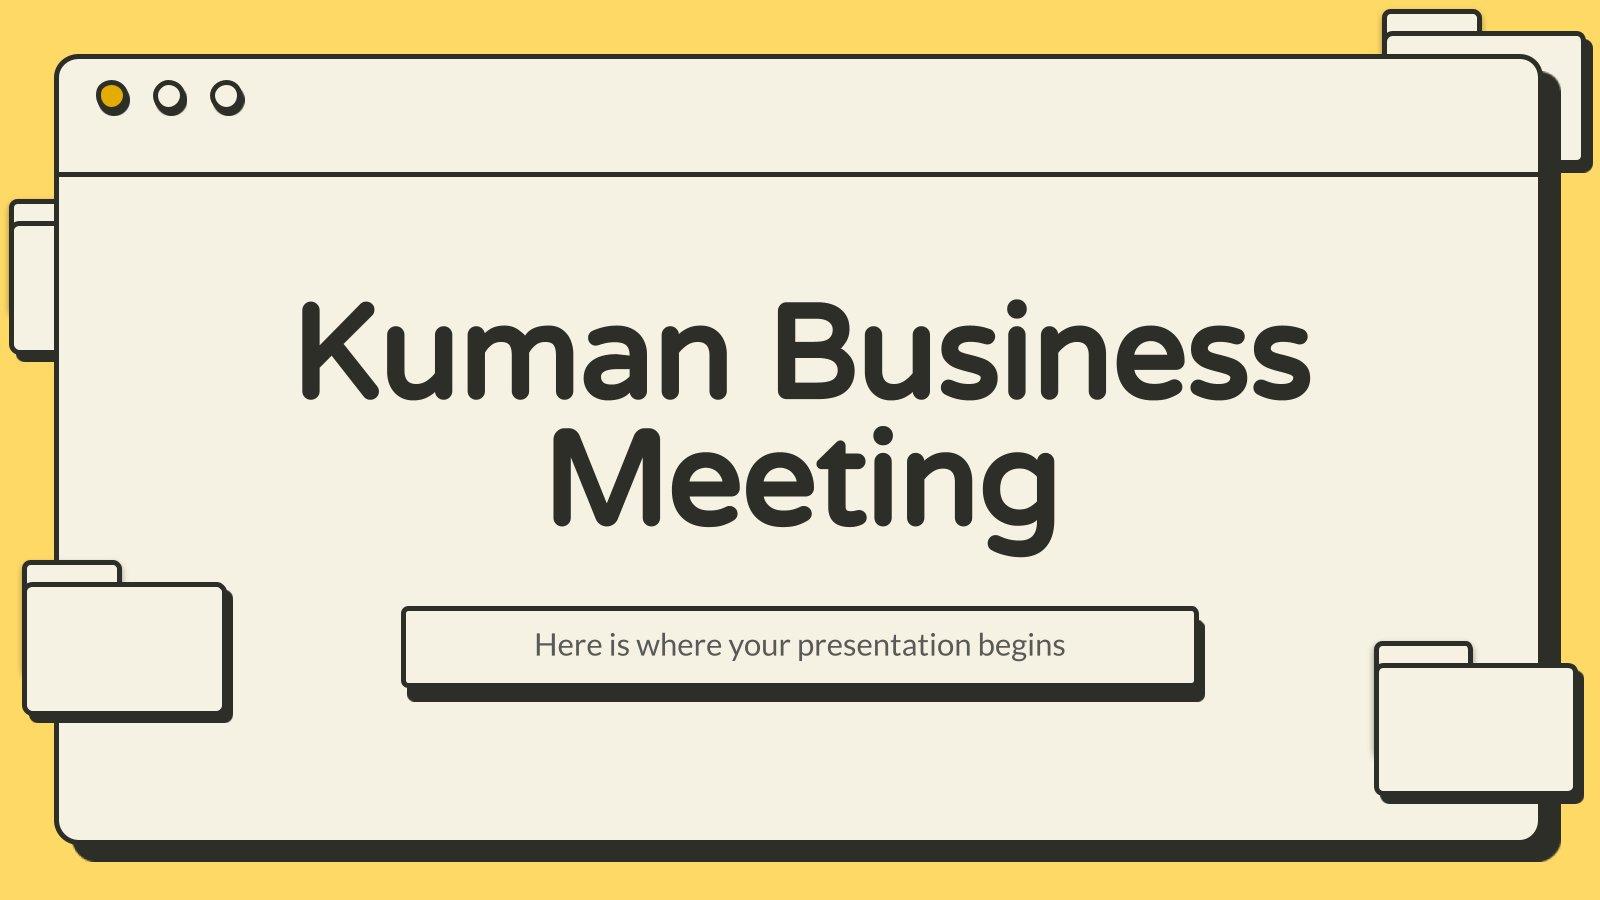 Plantilla de presentación Reunión de negocios Kuman